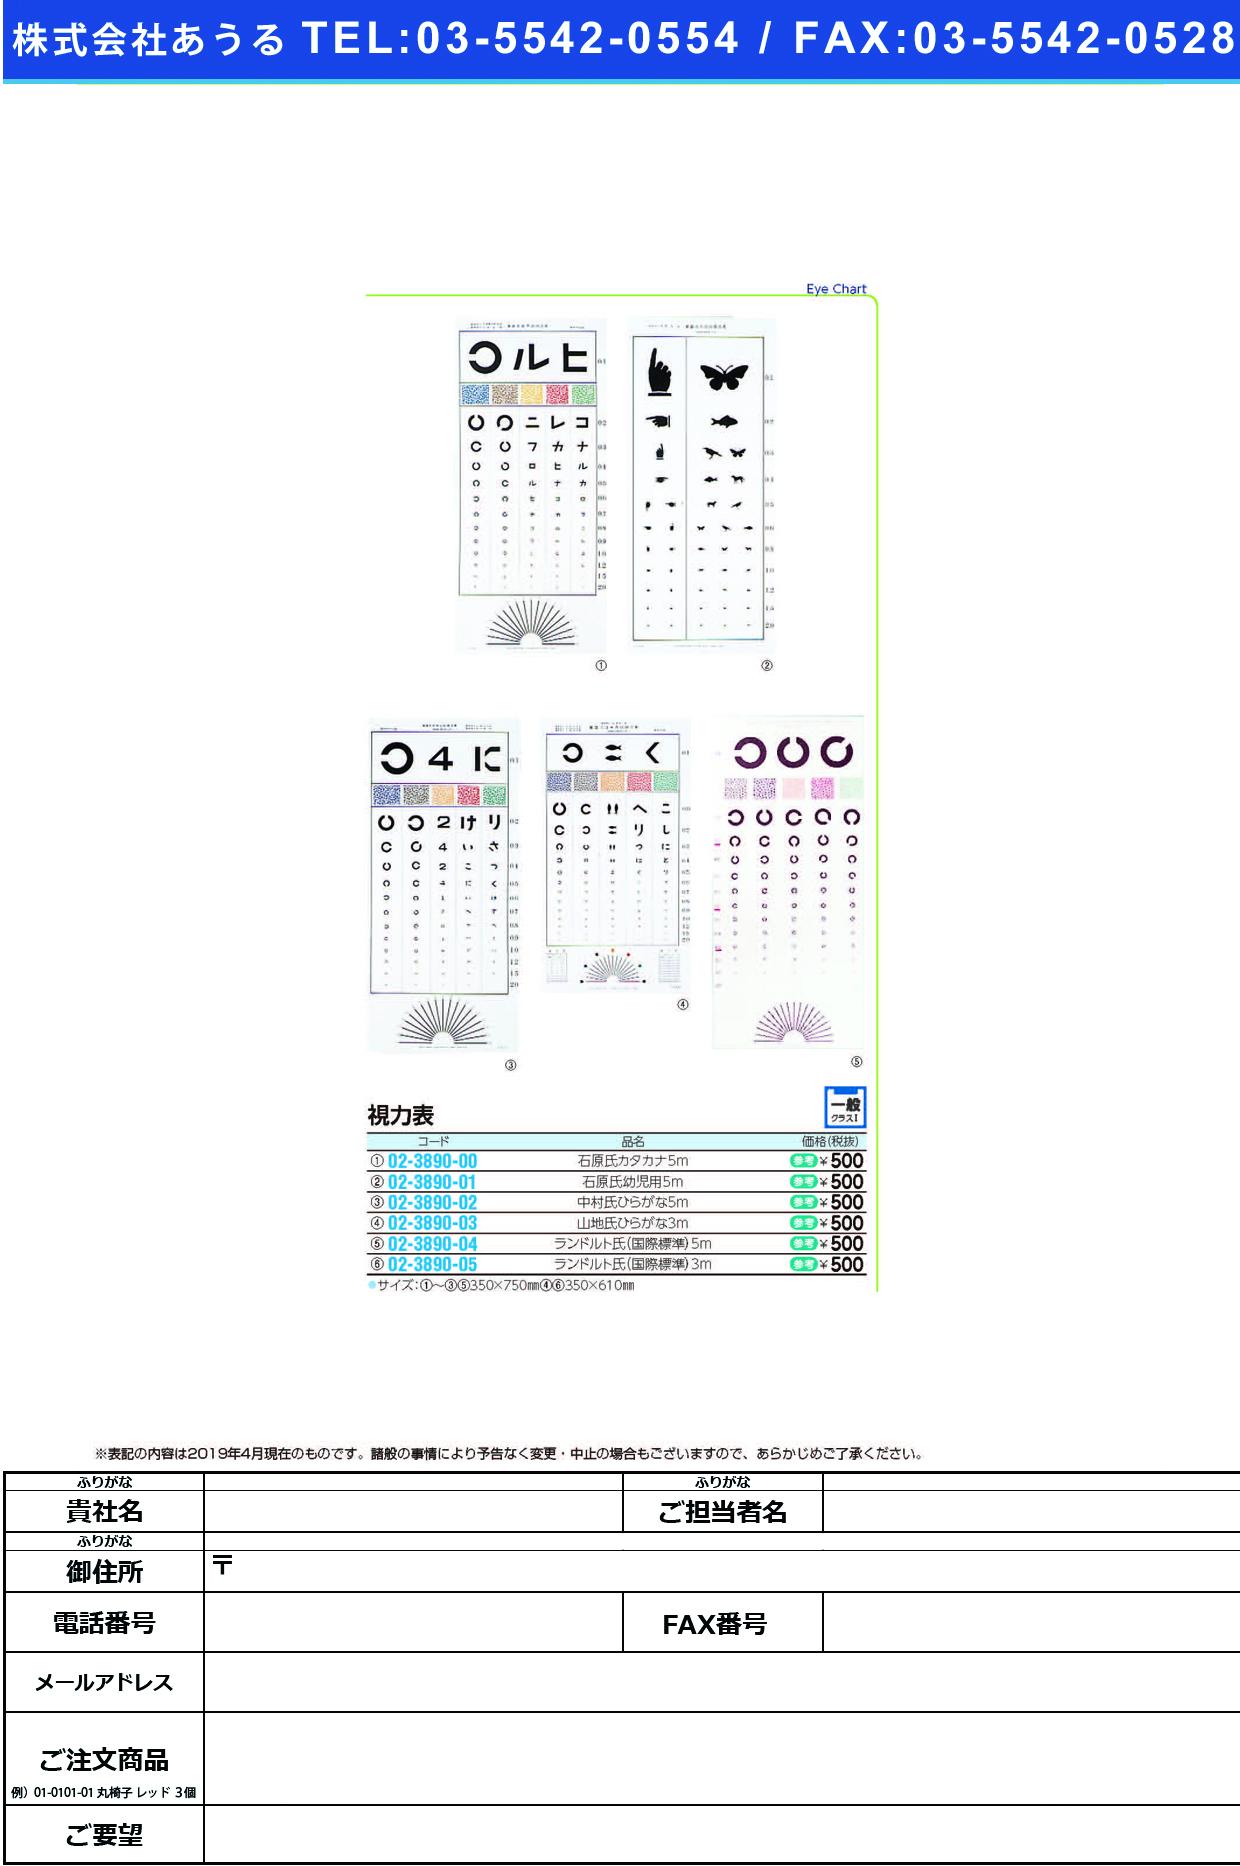 (02-3890-00)視力表石原氏カタカナ(5m) HP-1220 シリョクヒョウ【1枚単位】【2019年カタログ商品】